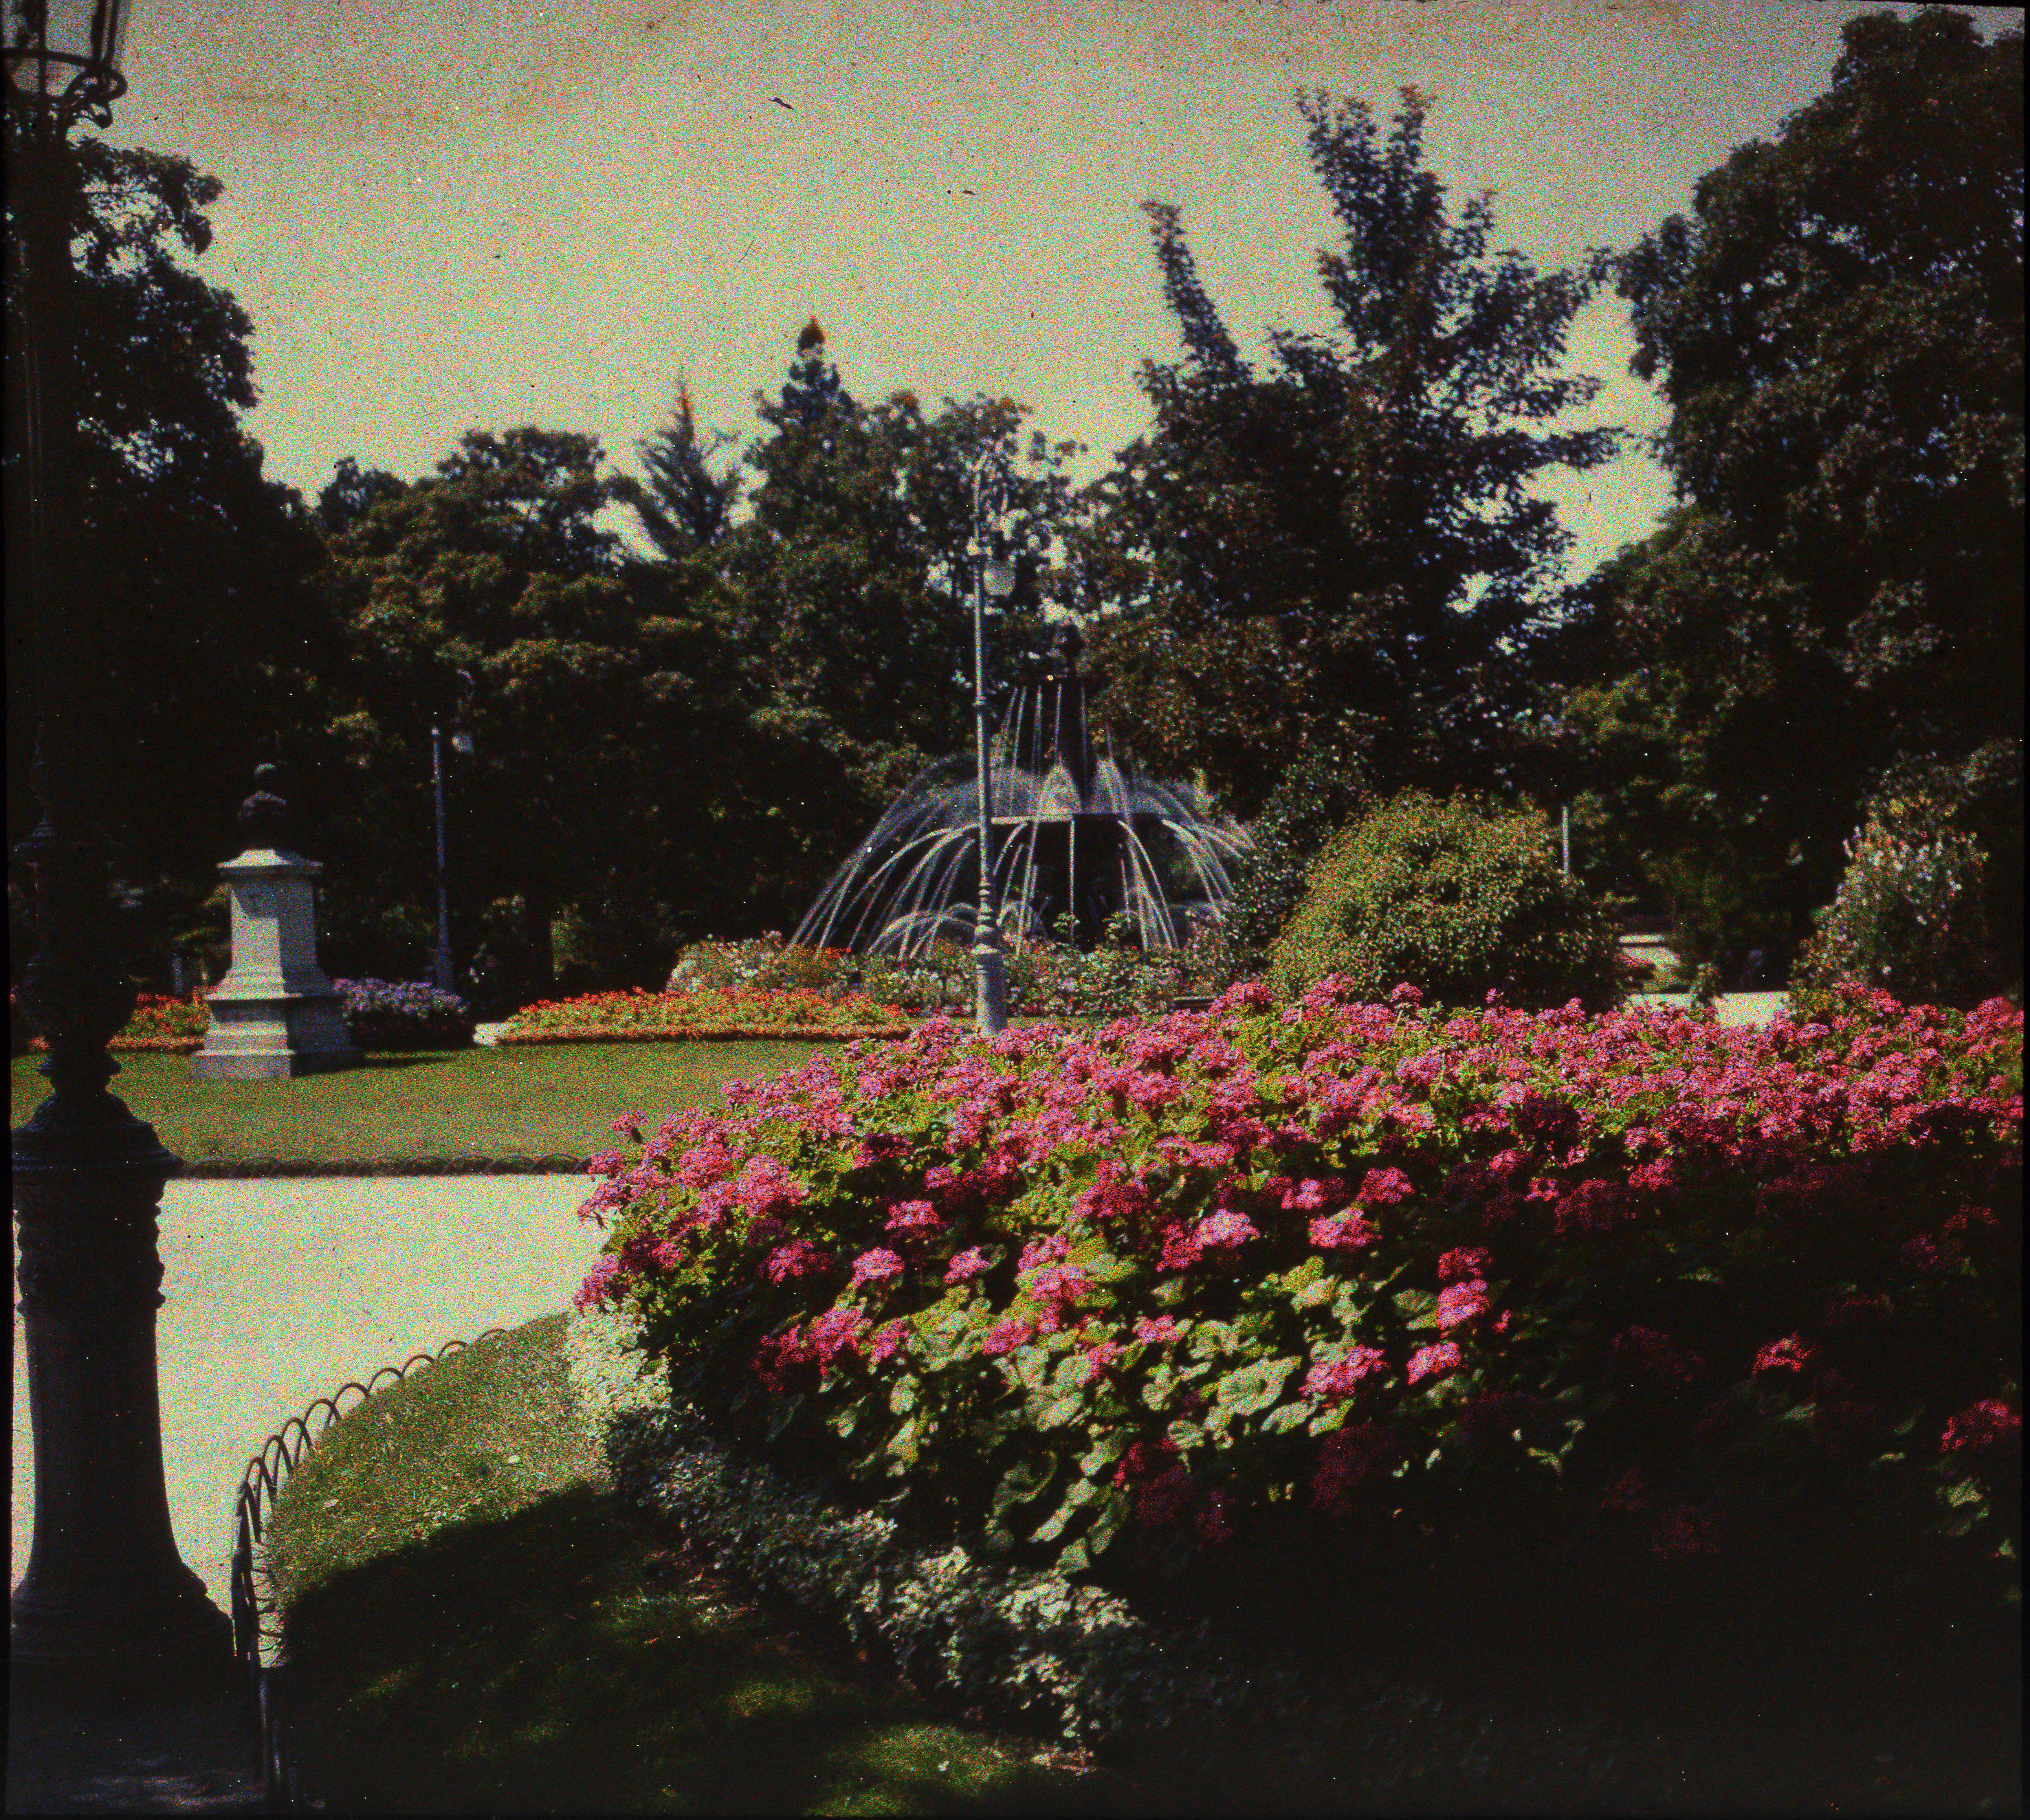 Gen ve jardin anglais notre histoire for Jardin anglais geneve suisse